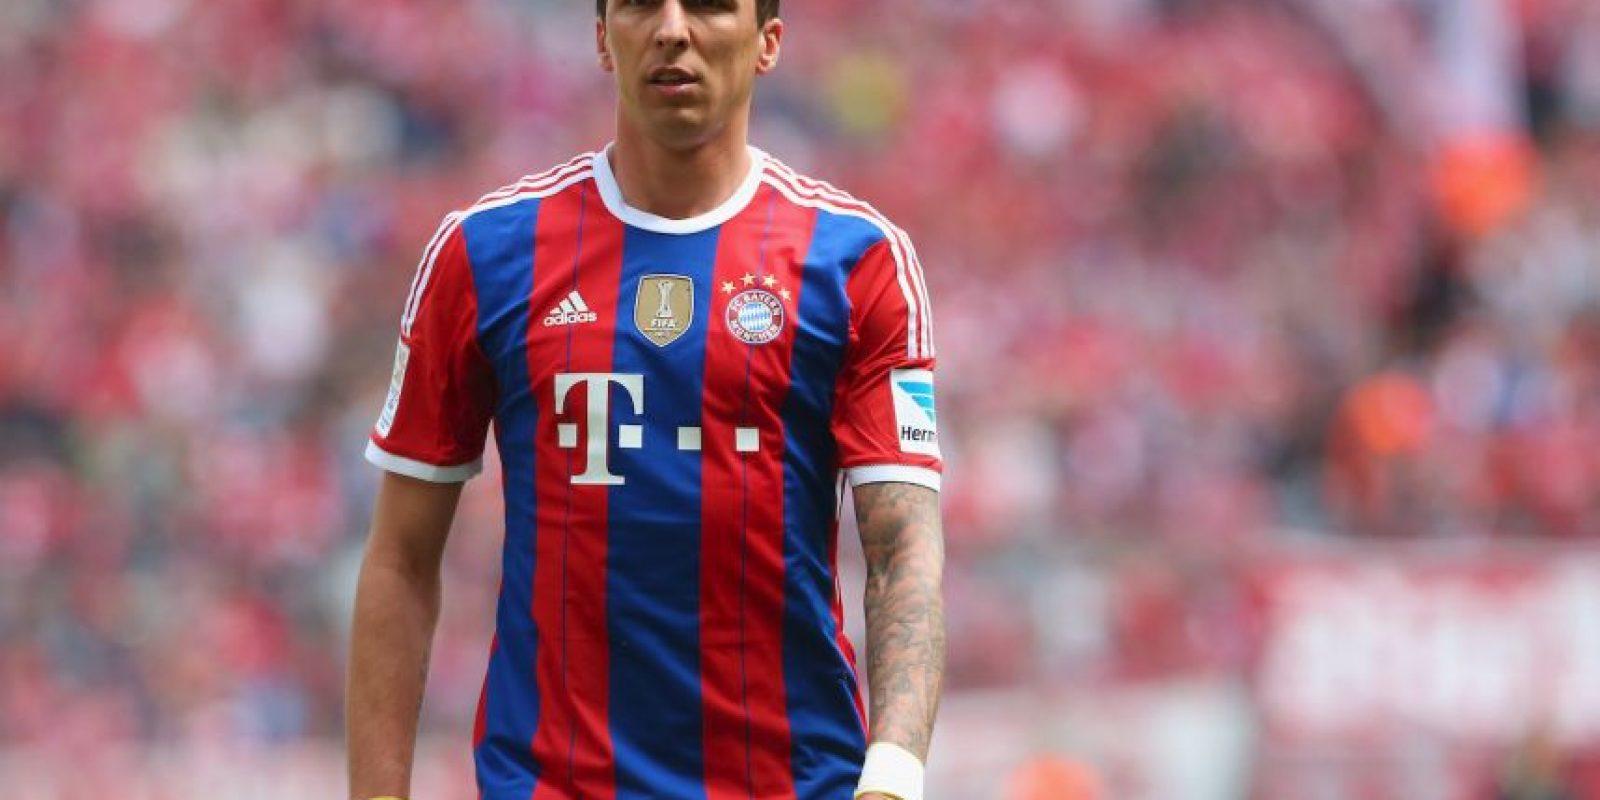 En 2014, fue el croata Mario Mandzukic (9) quien salió del equipo. Foto:Getty Images